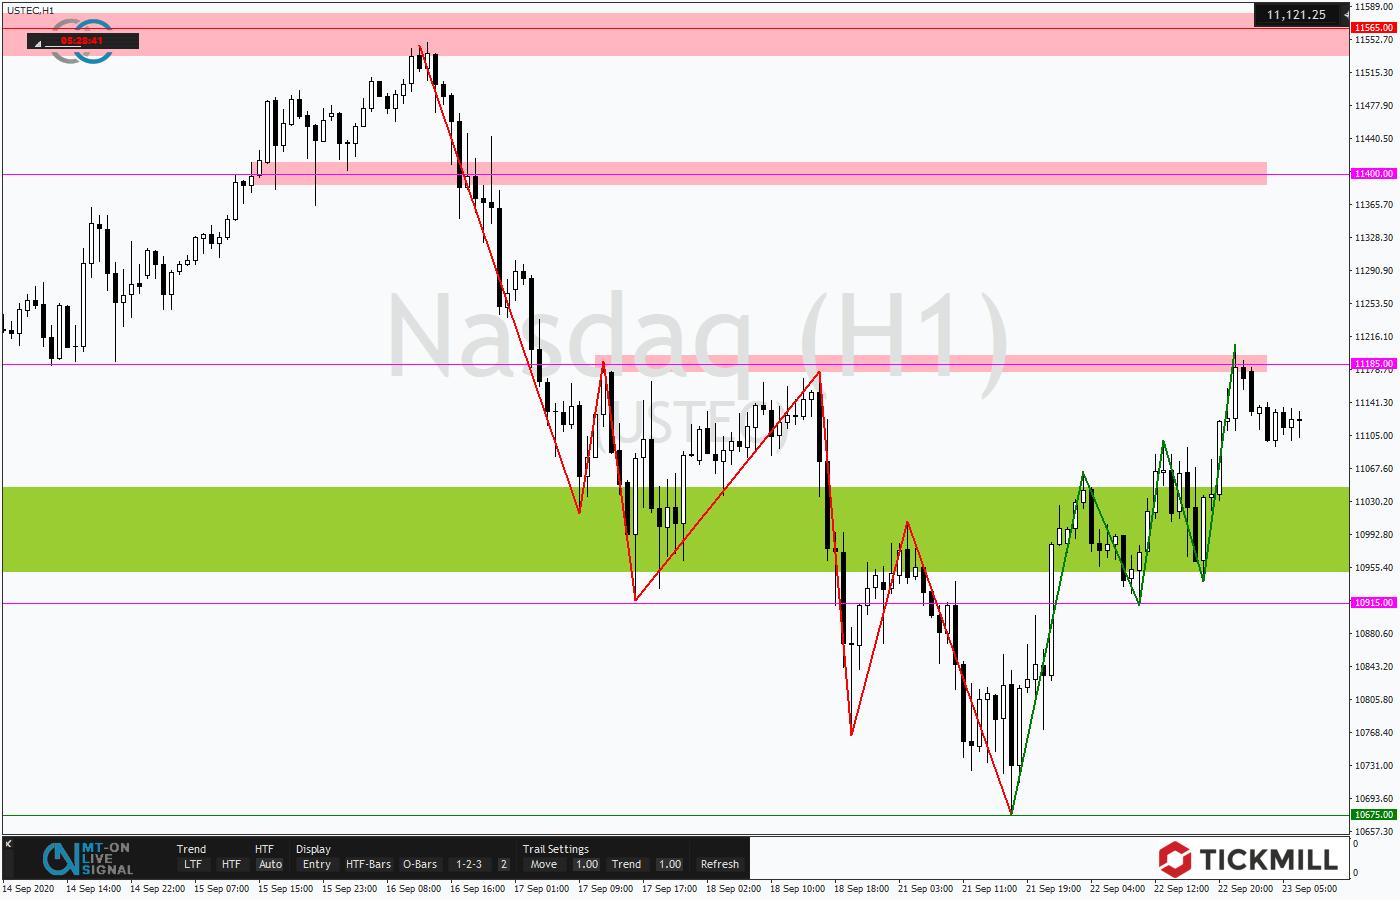 Tickmill-Analyse: Gegenbewegung beim NASDAQ 100 im Stundenchart